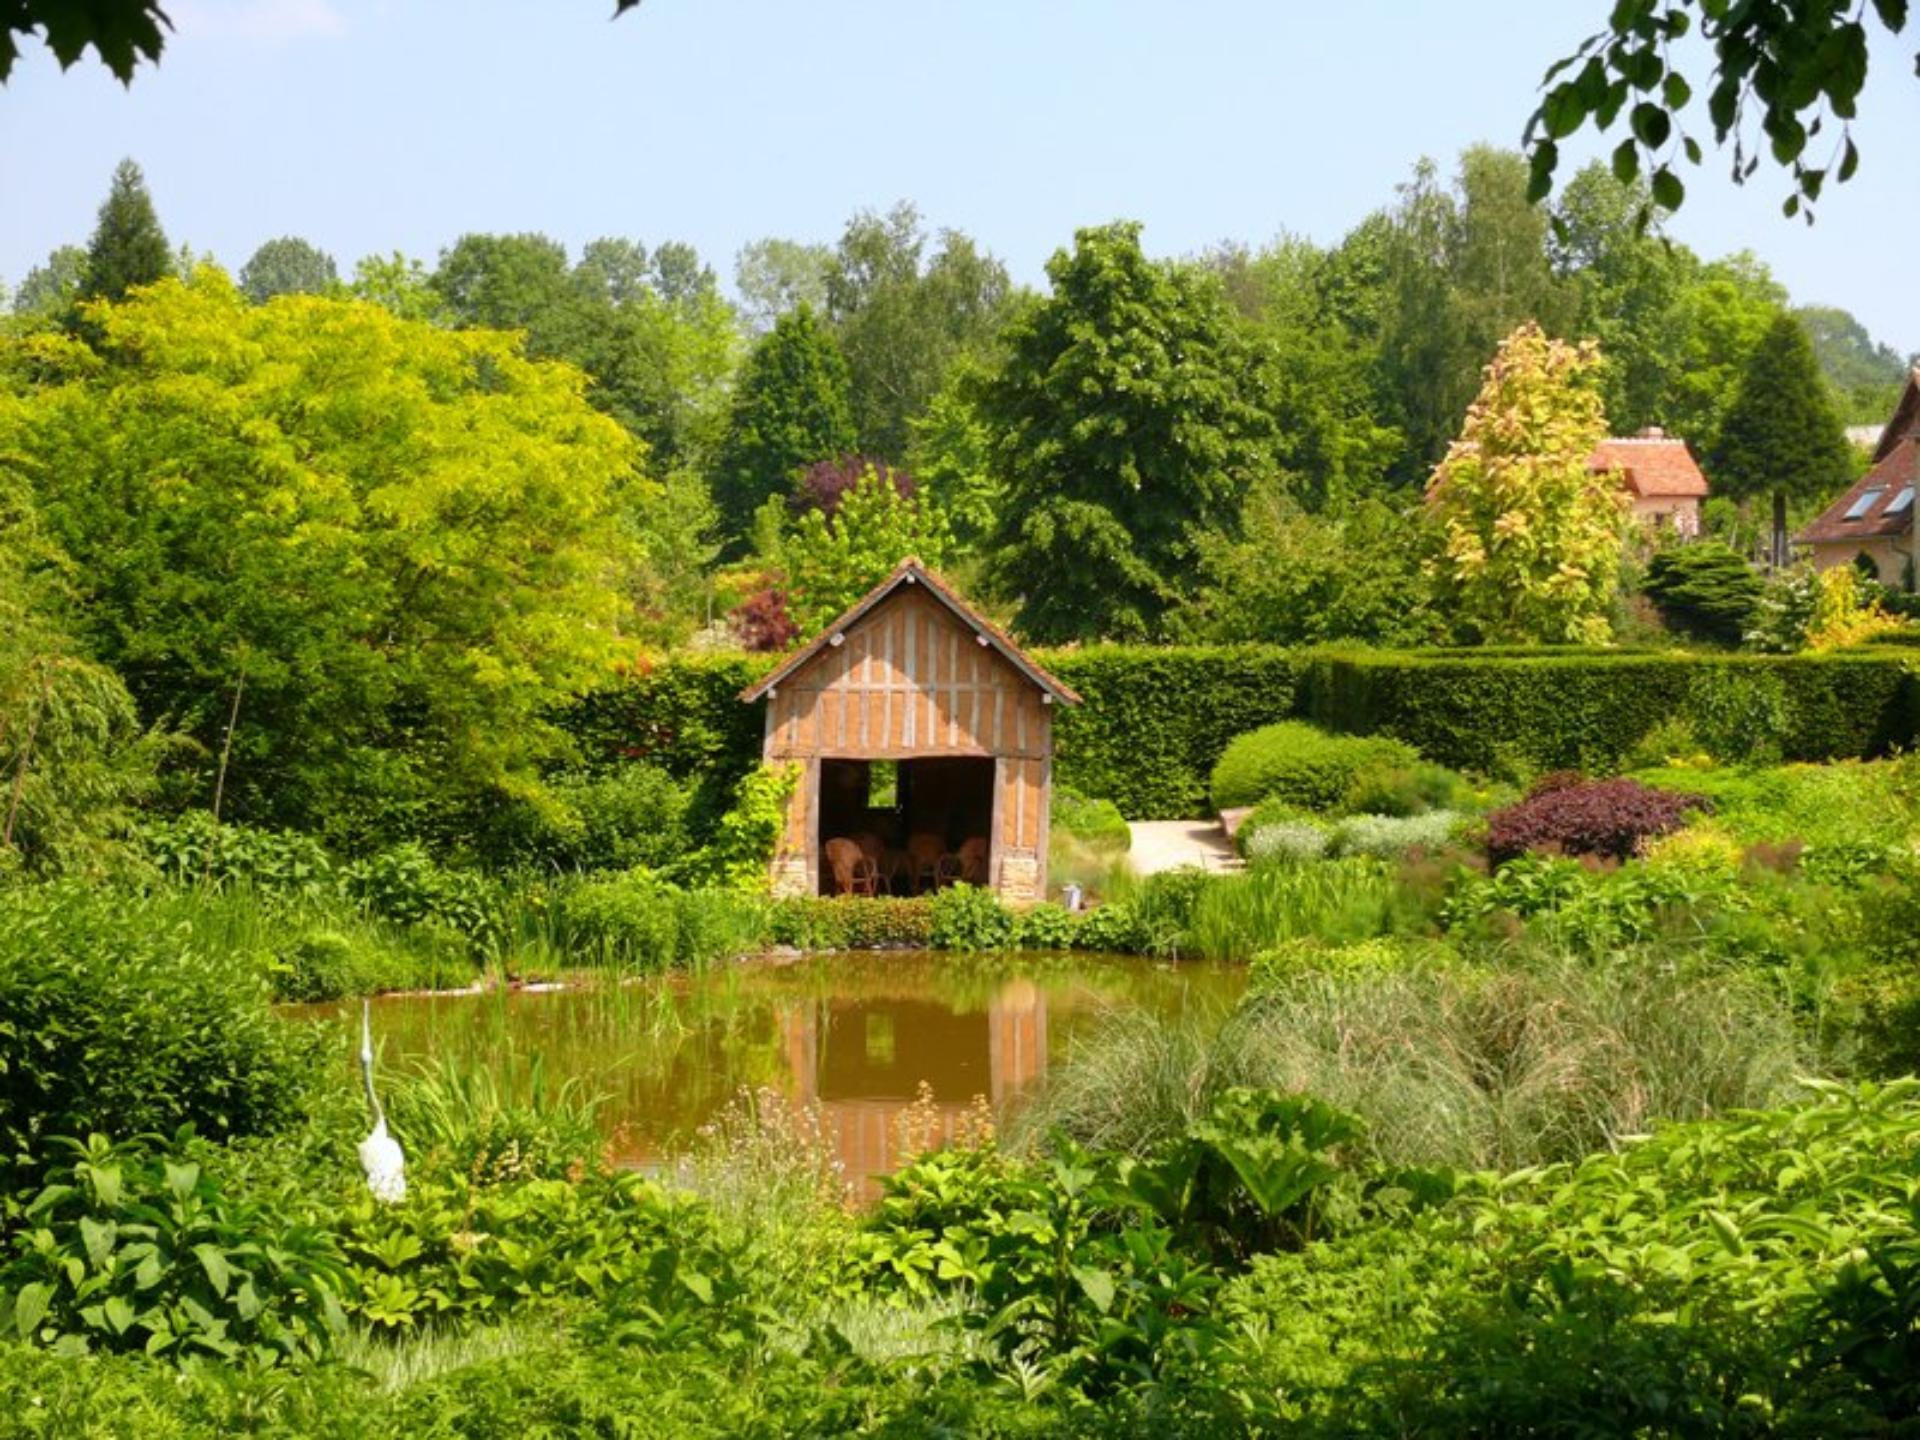 jardins du pays-d' auge cambremer